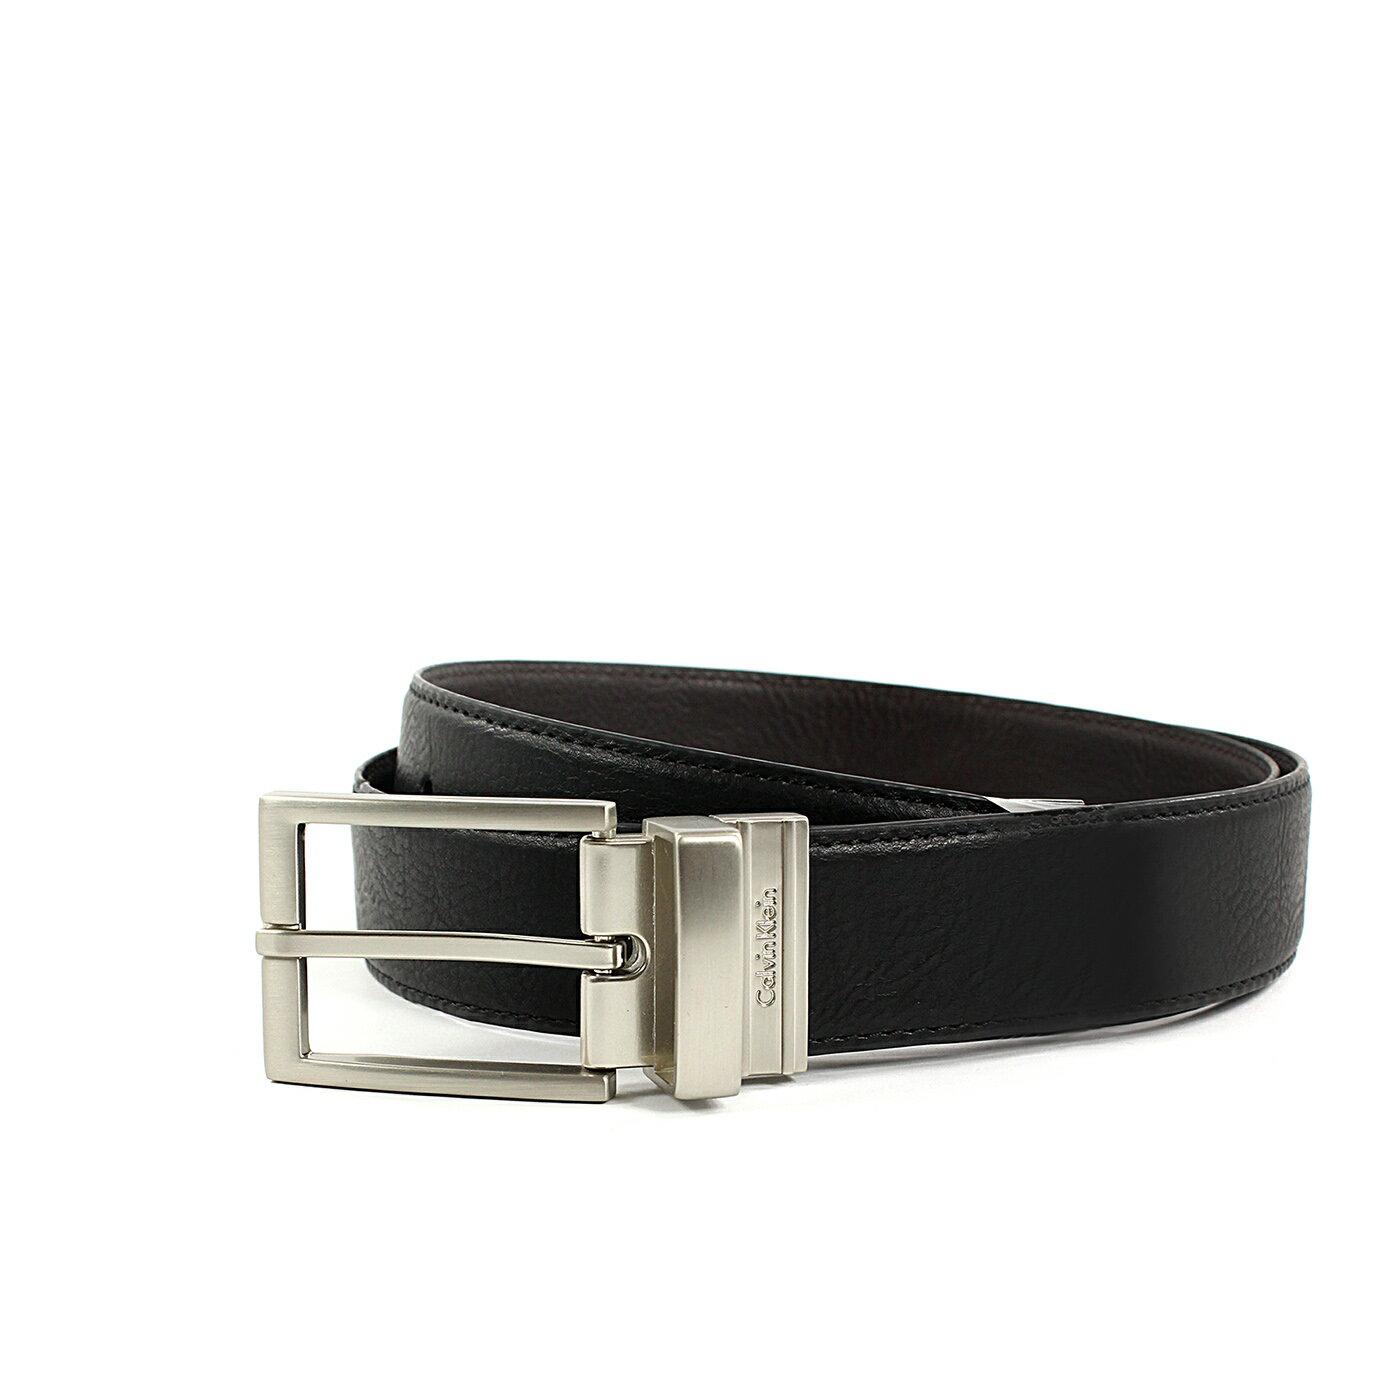 美國百分百【Calvin Klein】CK 男 真皮 皮帶 兩用 腰帶 2way 黑色 霧面拉絲皮帶頭 配件 38 40 42腰 F768